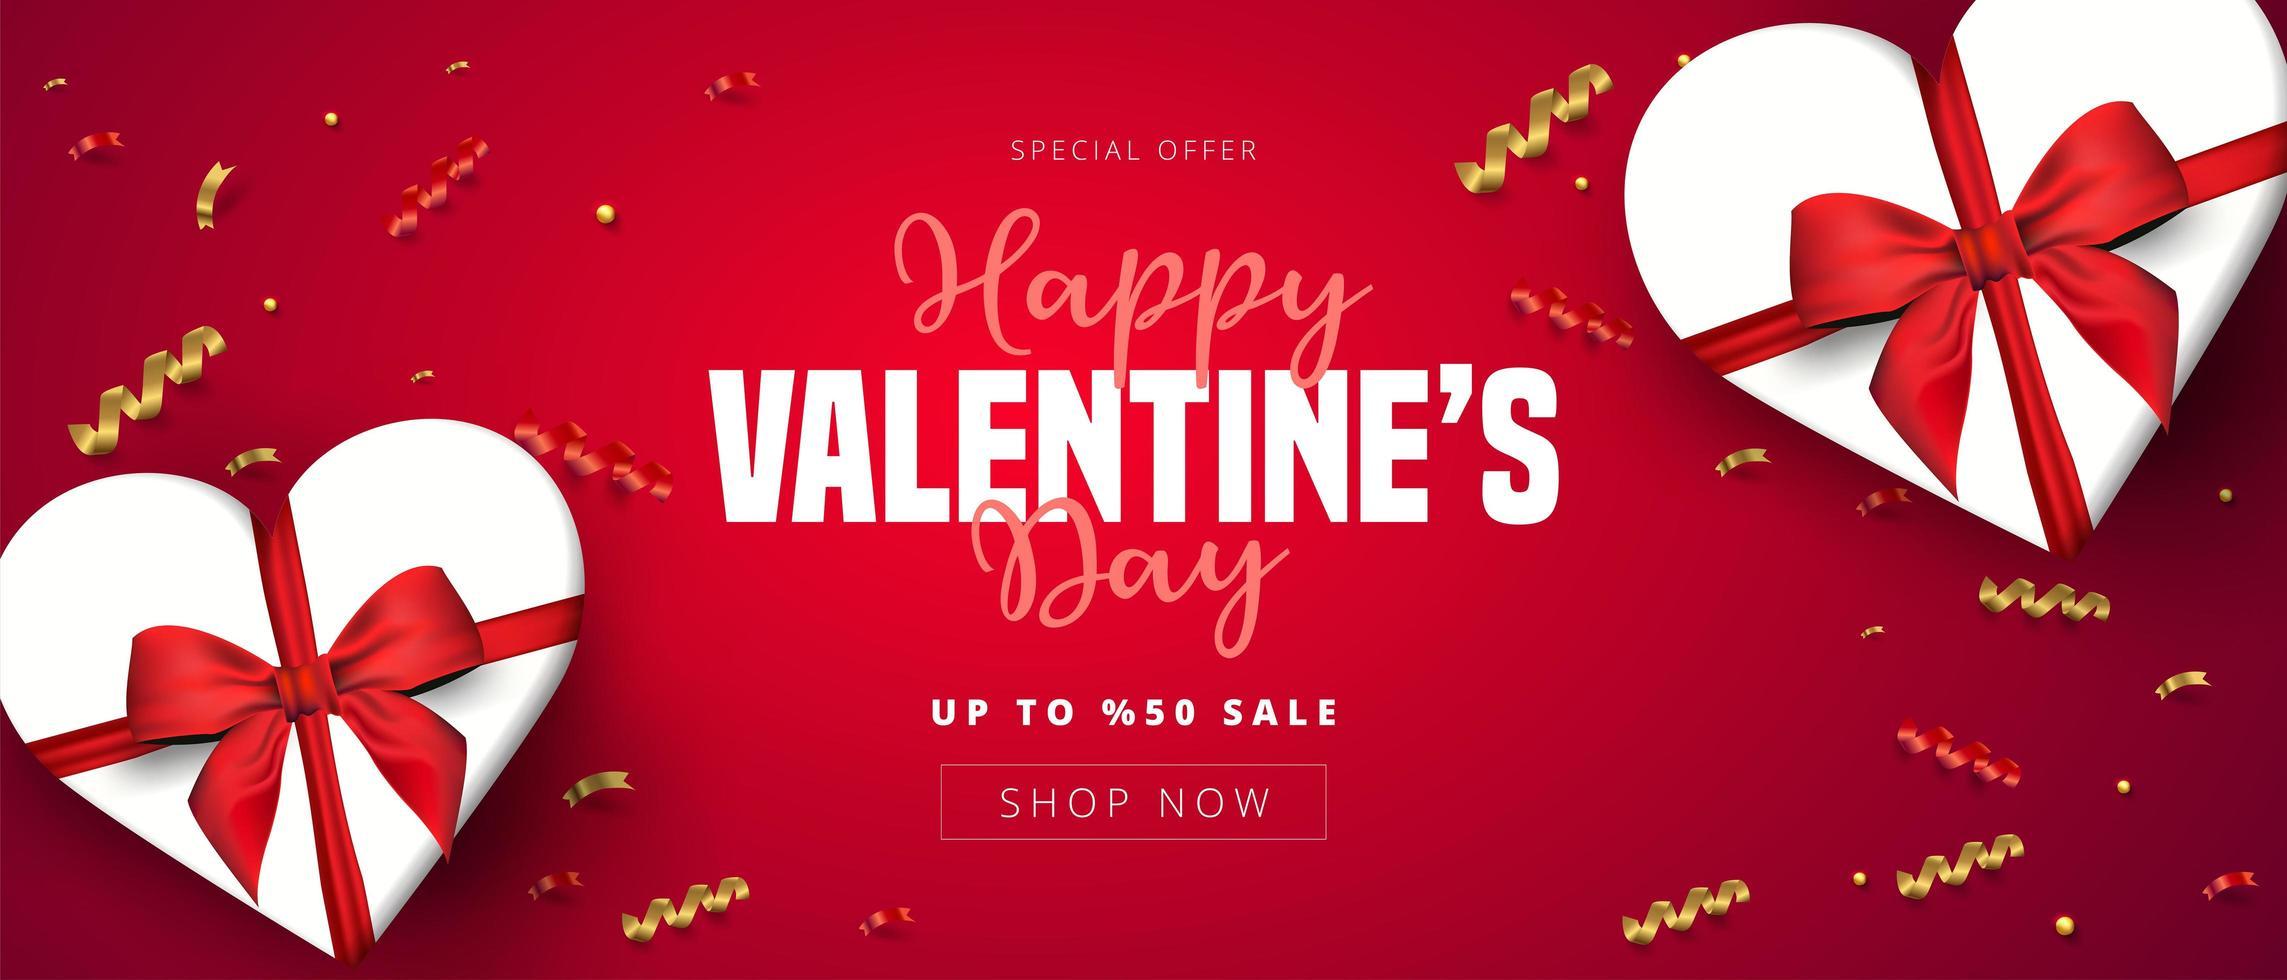 Horizontale Fahne des Valentinstagverkaufs mit Herzkästen und -konfettis vektor